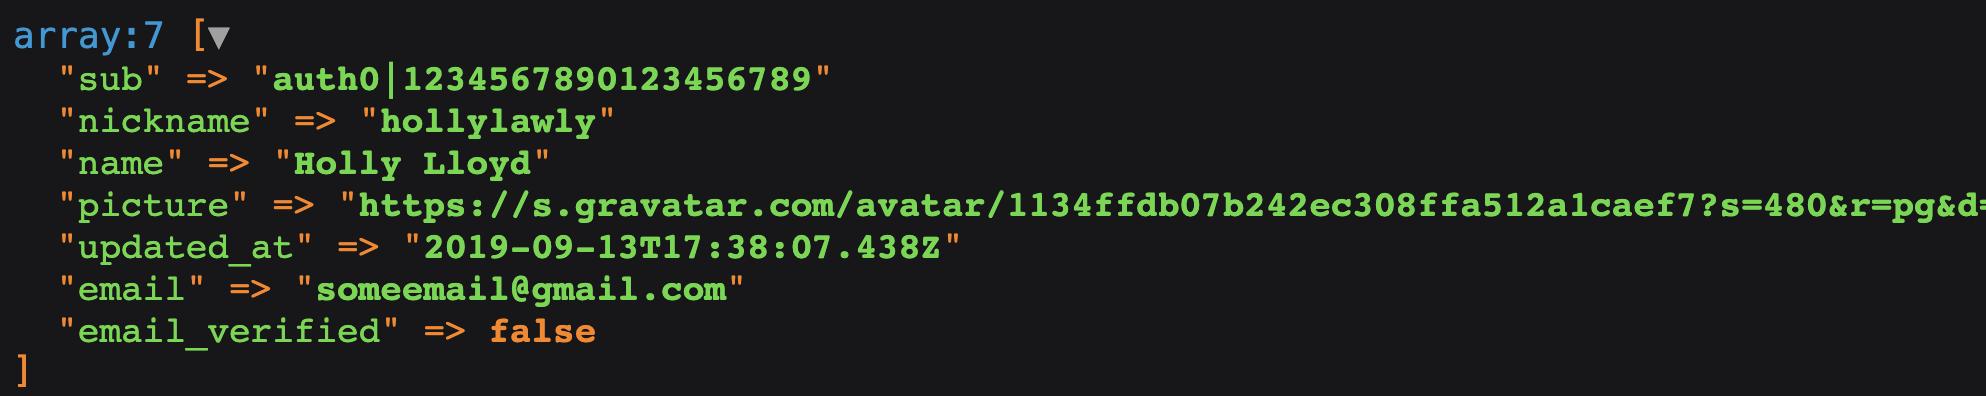 Auth0 user data from Laravel app